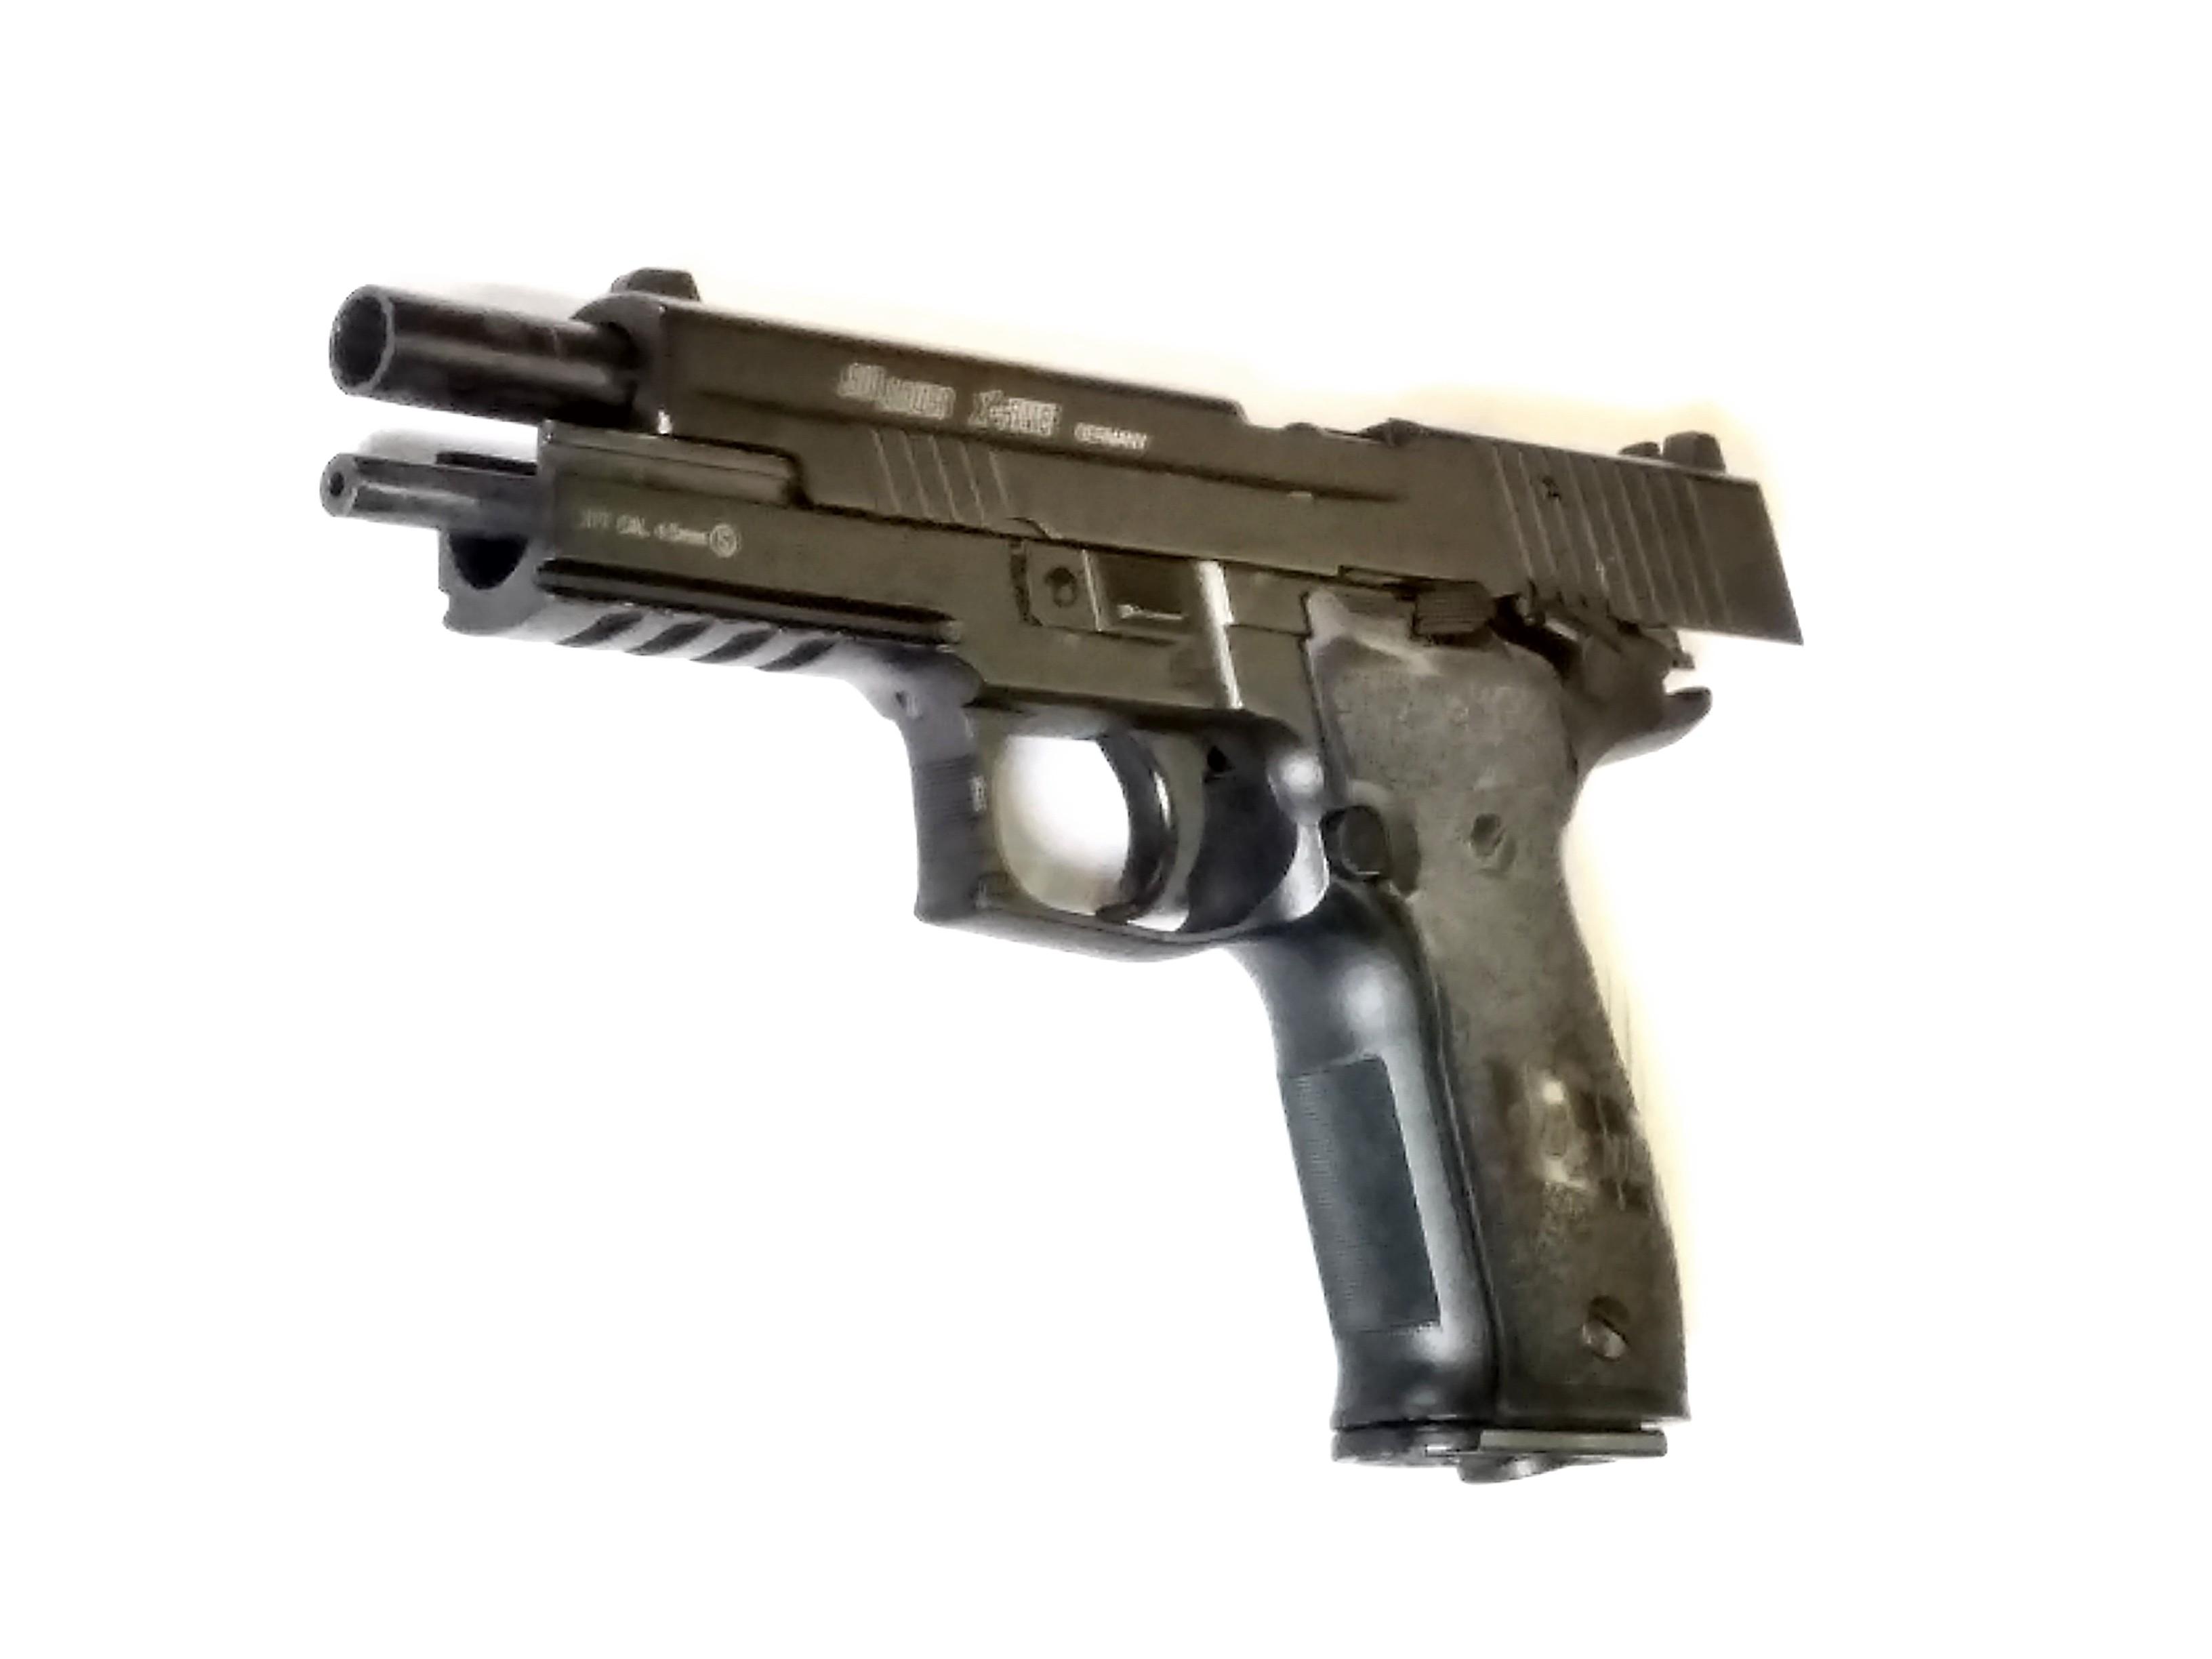 SIG SAUER P226 X-FIVE .177 CO2 BLOWBACK